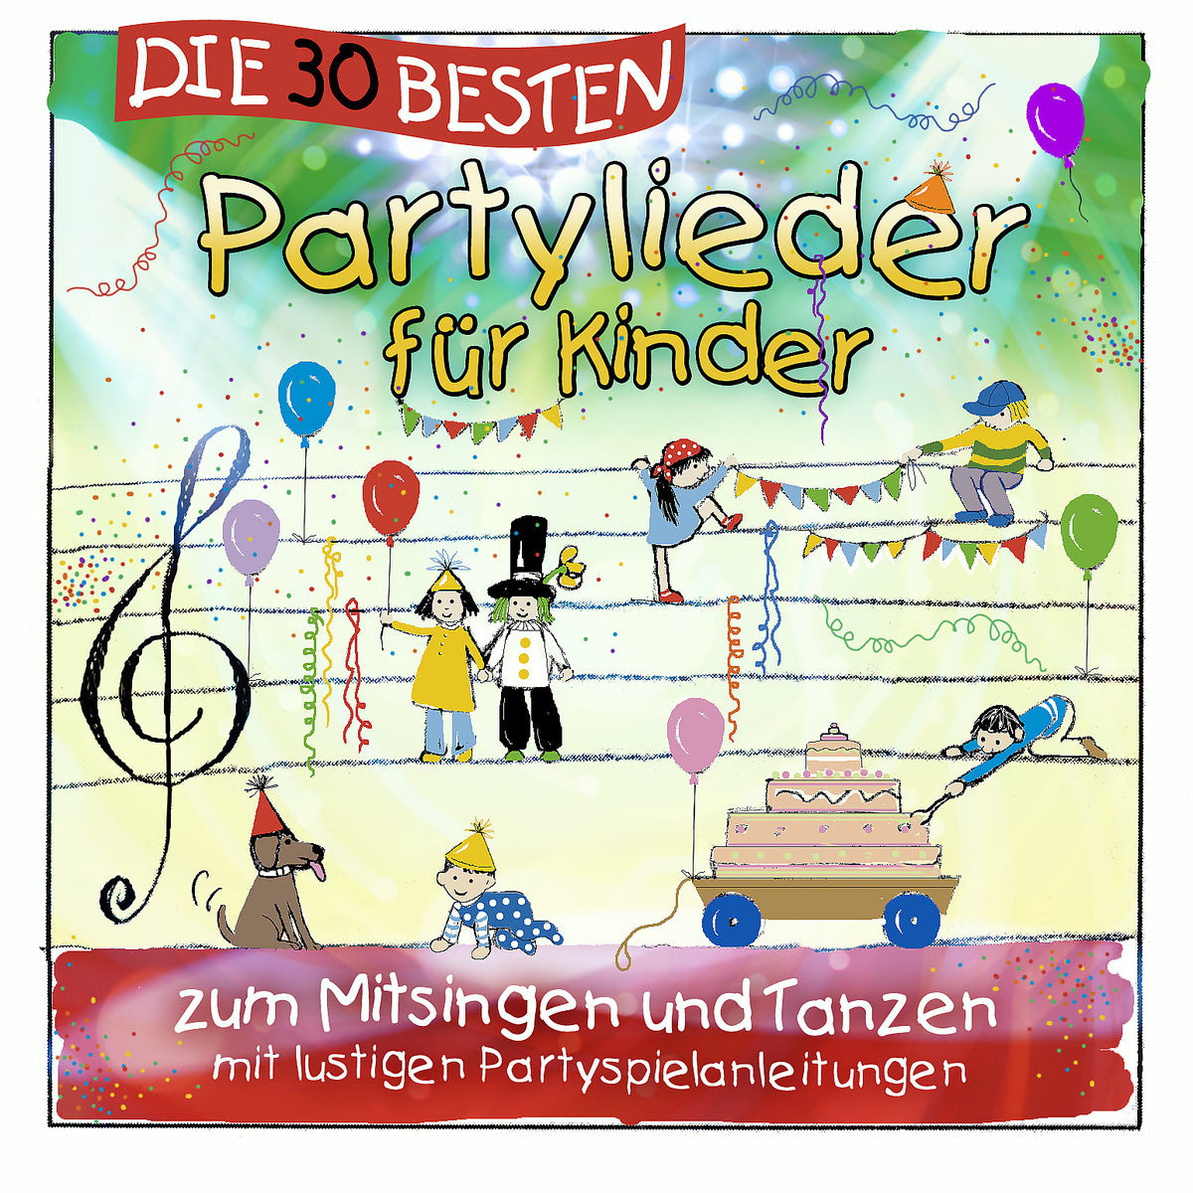 Die 30 besten Partylieder für Kinder - zum Mitsingen und Tanzen - Simone Sommerland, Karsten Glück und die Kita-Frösche